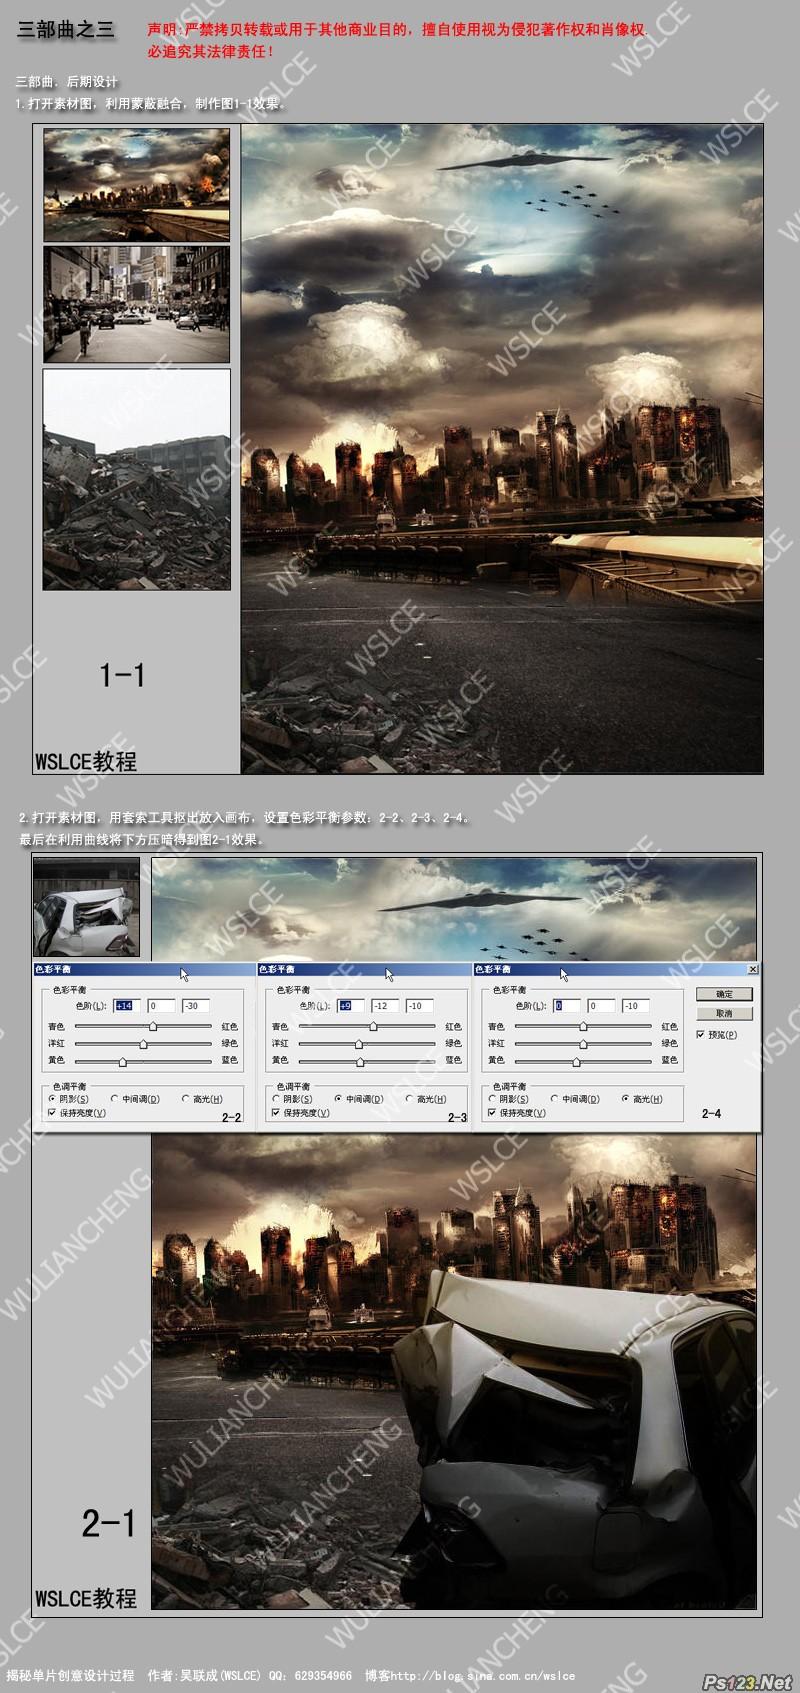 ps设计教程:揭秘商业海报创意设计